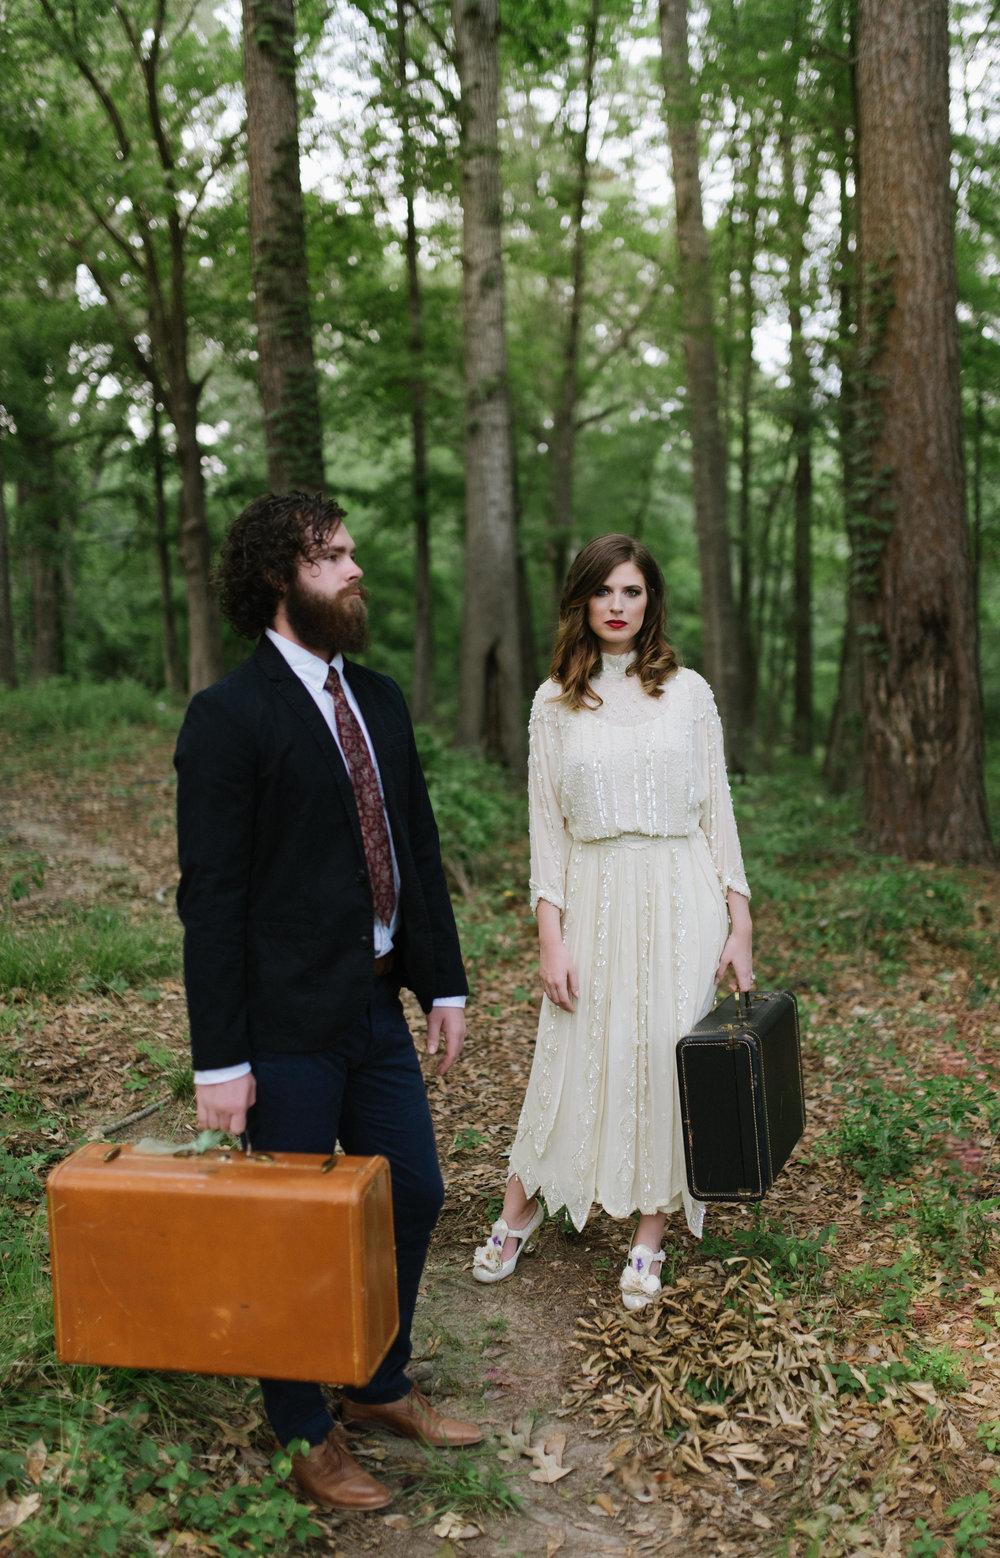 Megan and Jonathan Engagements -  006.JPG